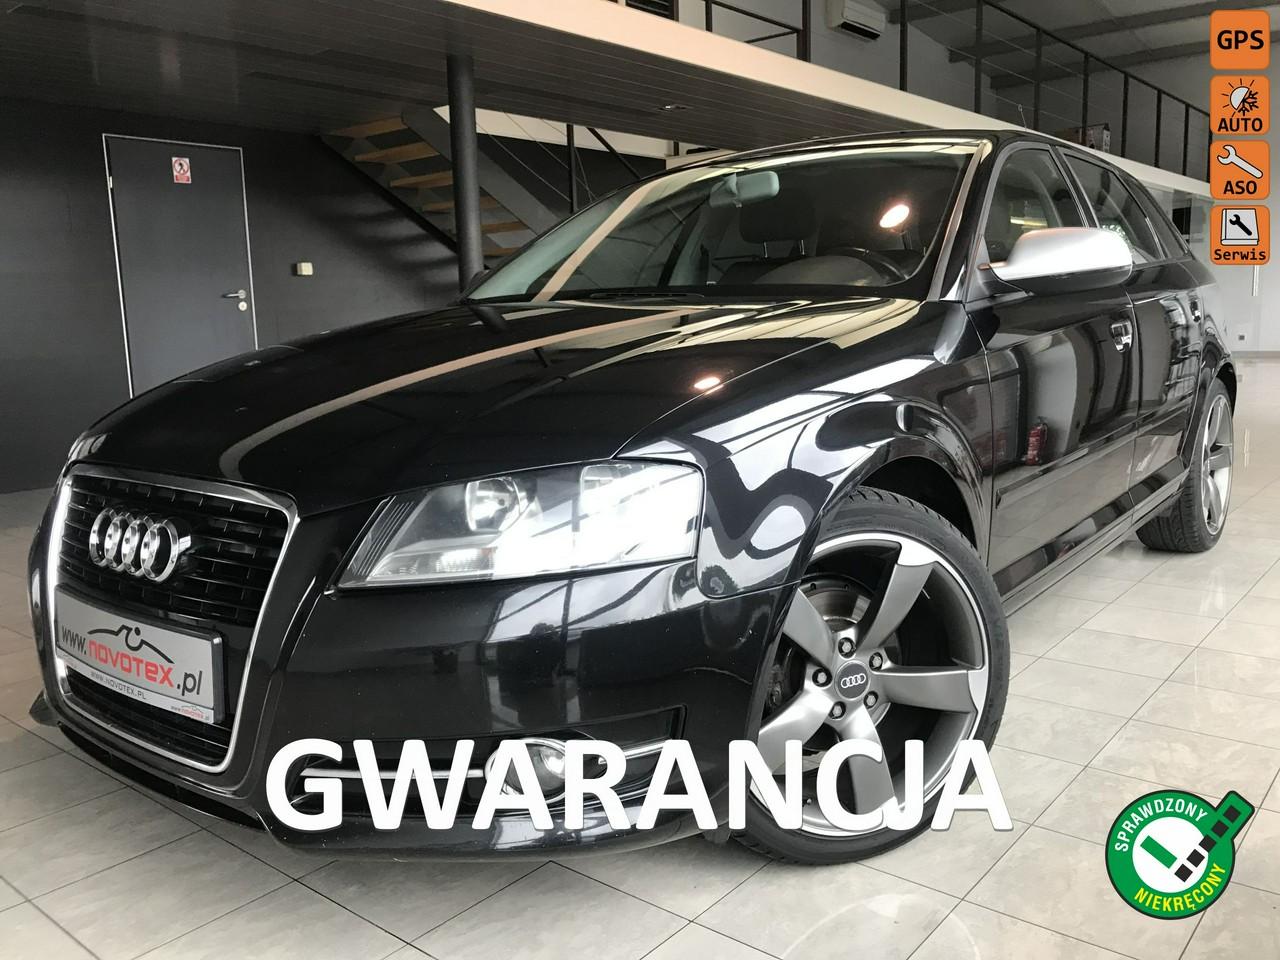 Audi A3 1.6TDI*Ambition*tylko 156Tkm*ALU 18*serwis w ASO*Gwarancja VIP